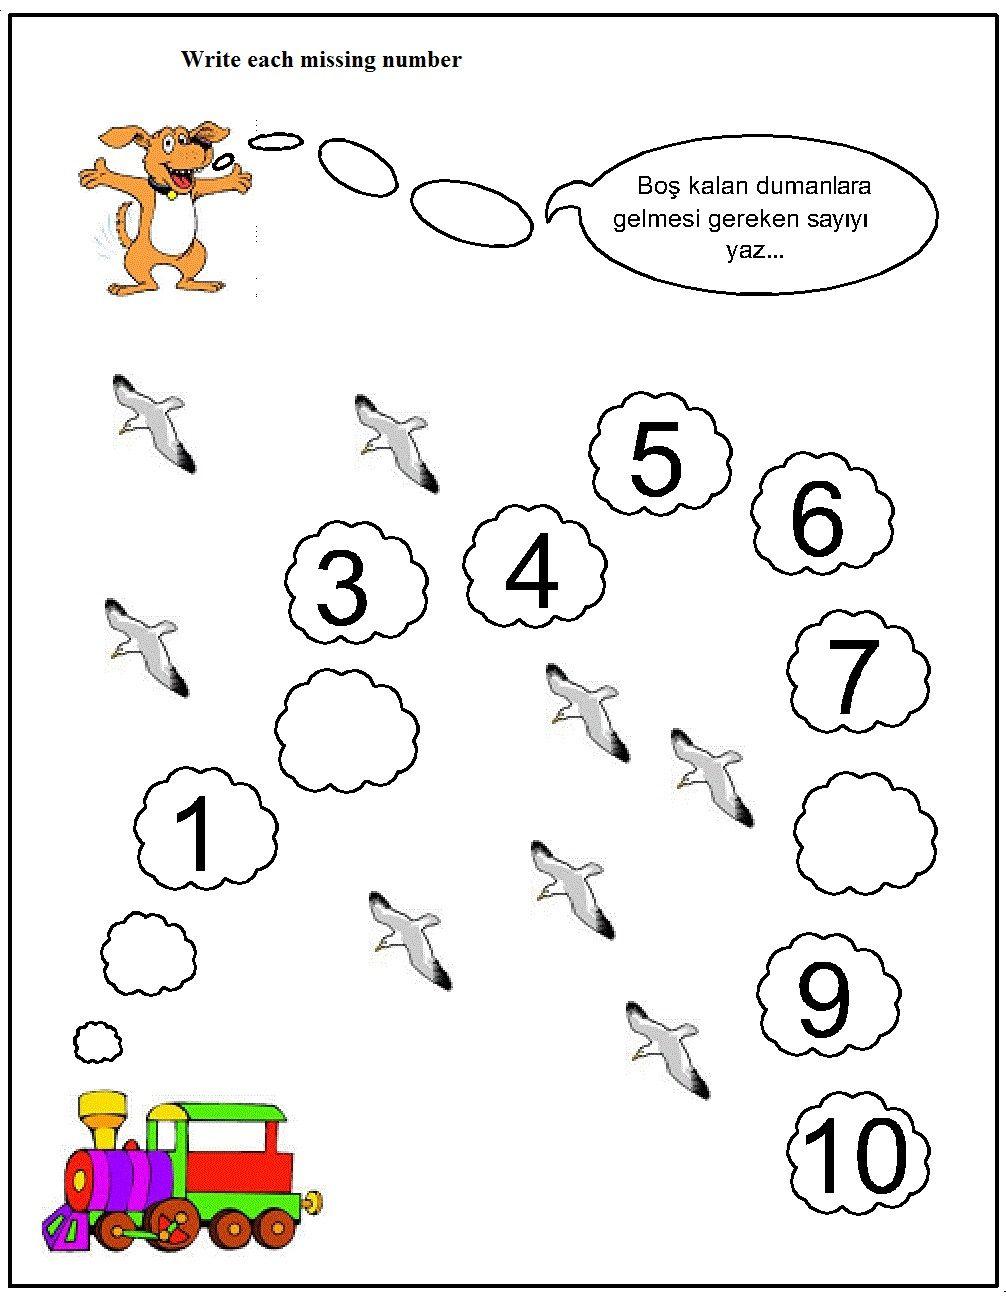 Missing Number Worksheet For Kids 12 Missing Number Worksheets Number Worksheets Kindergarten Worksheets Printable Write missing number worksheets